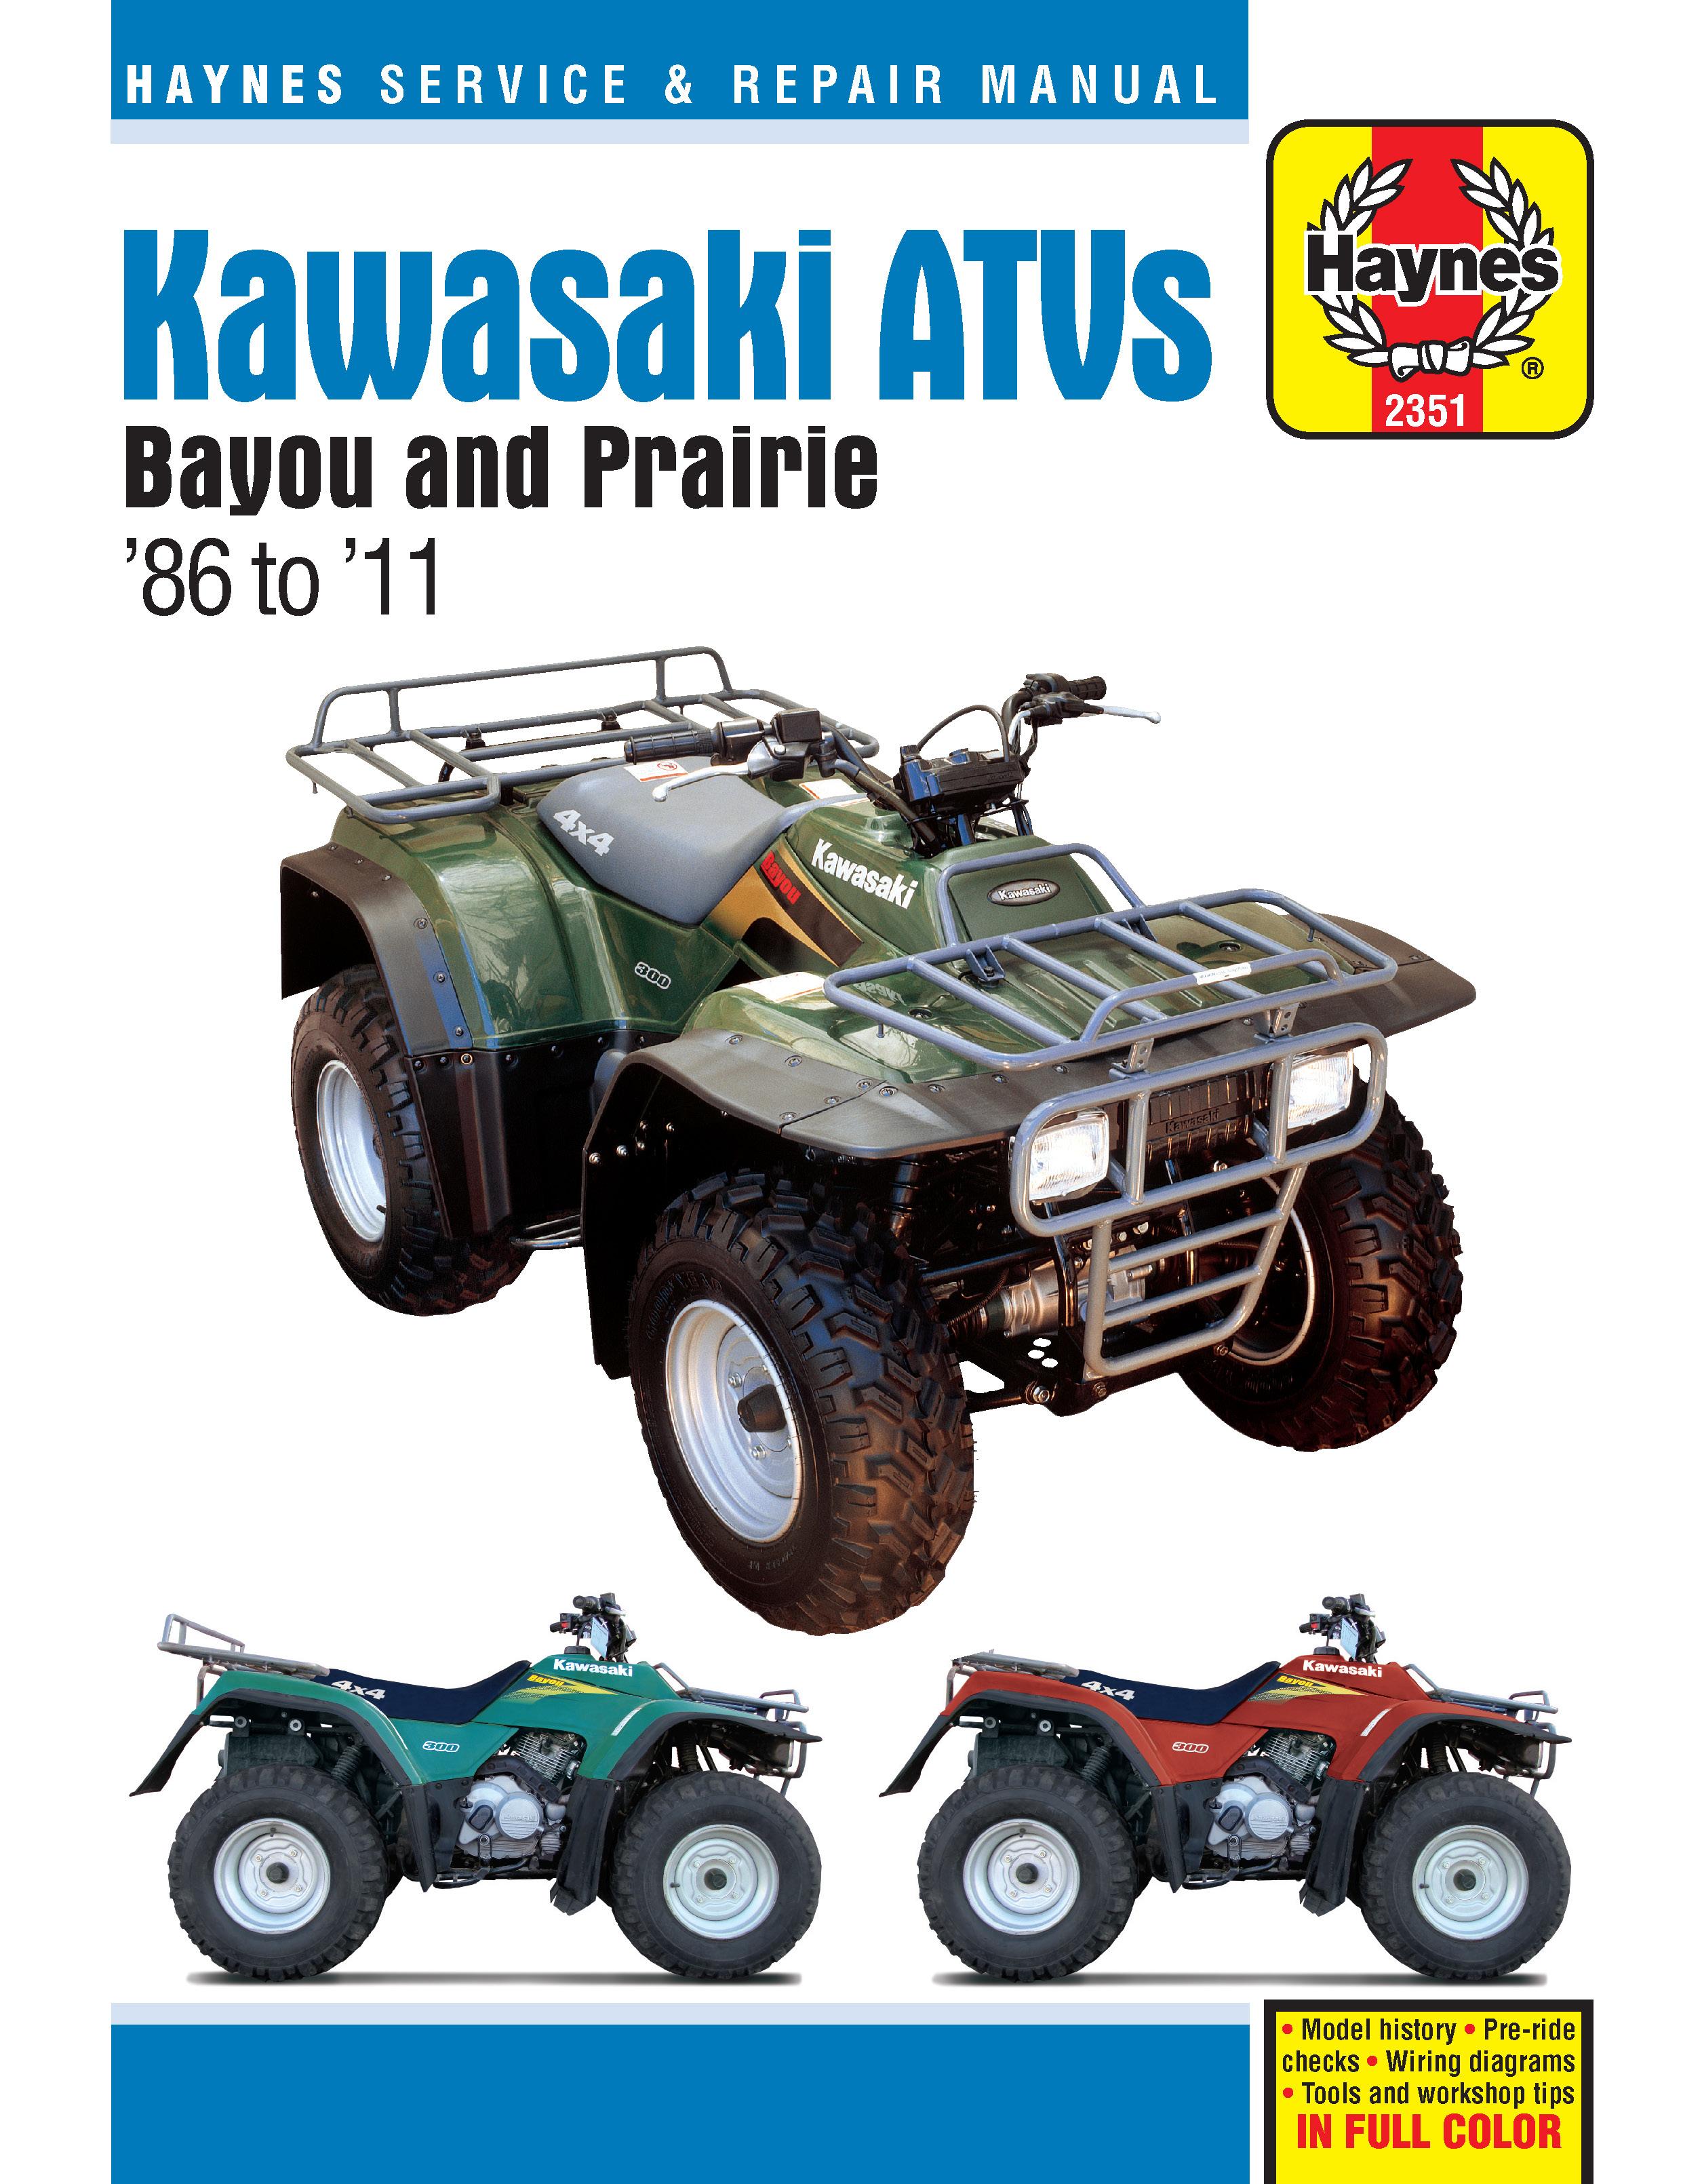 Kawasaki Bayou & Prairie ATVs (86-11) Haynes Repair Manual